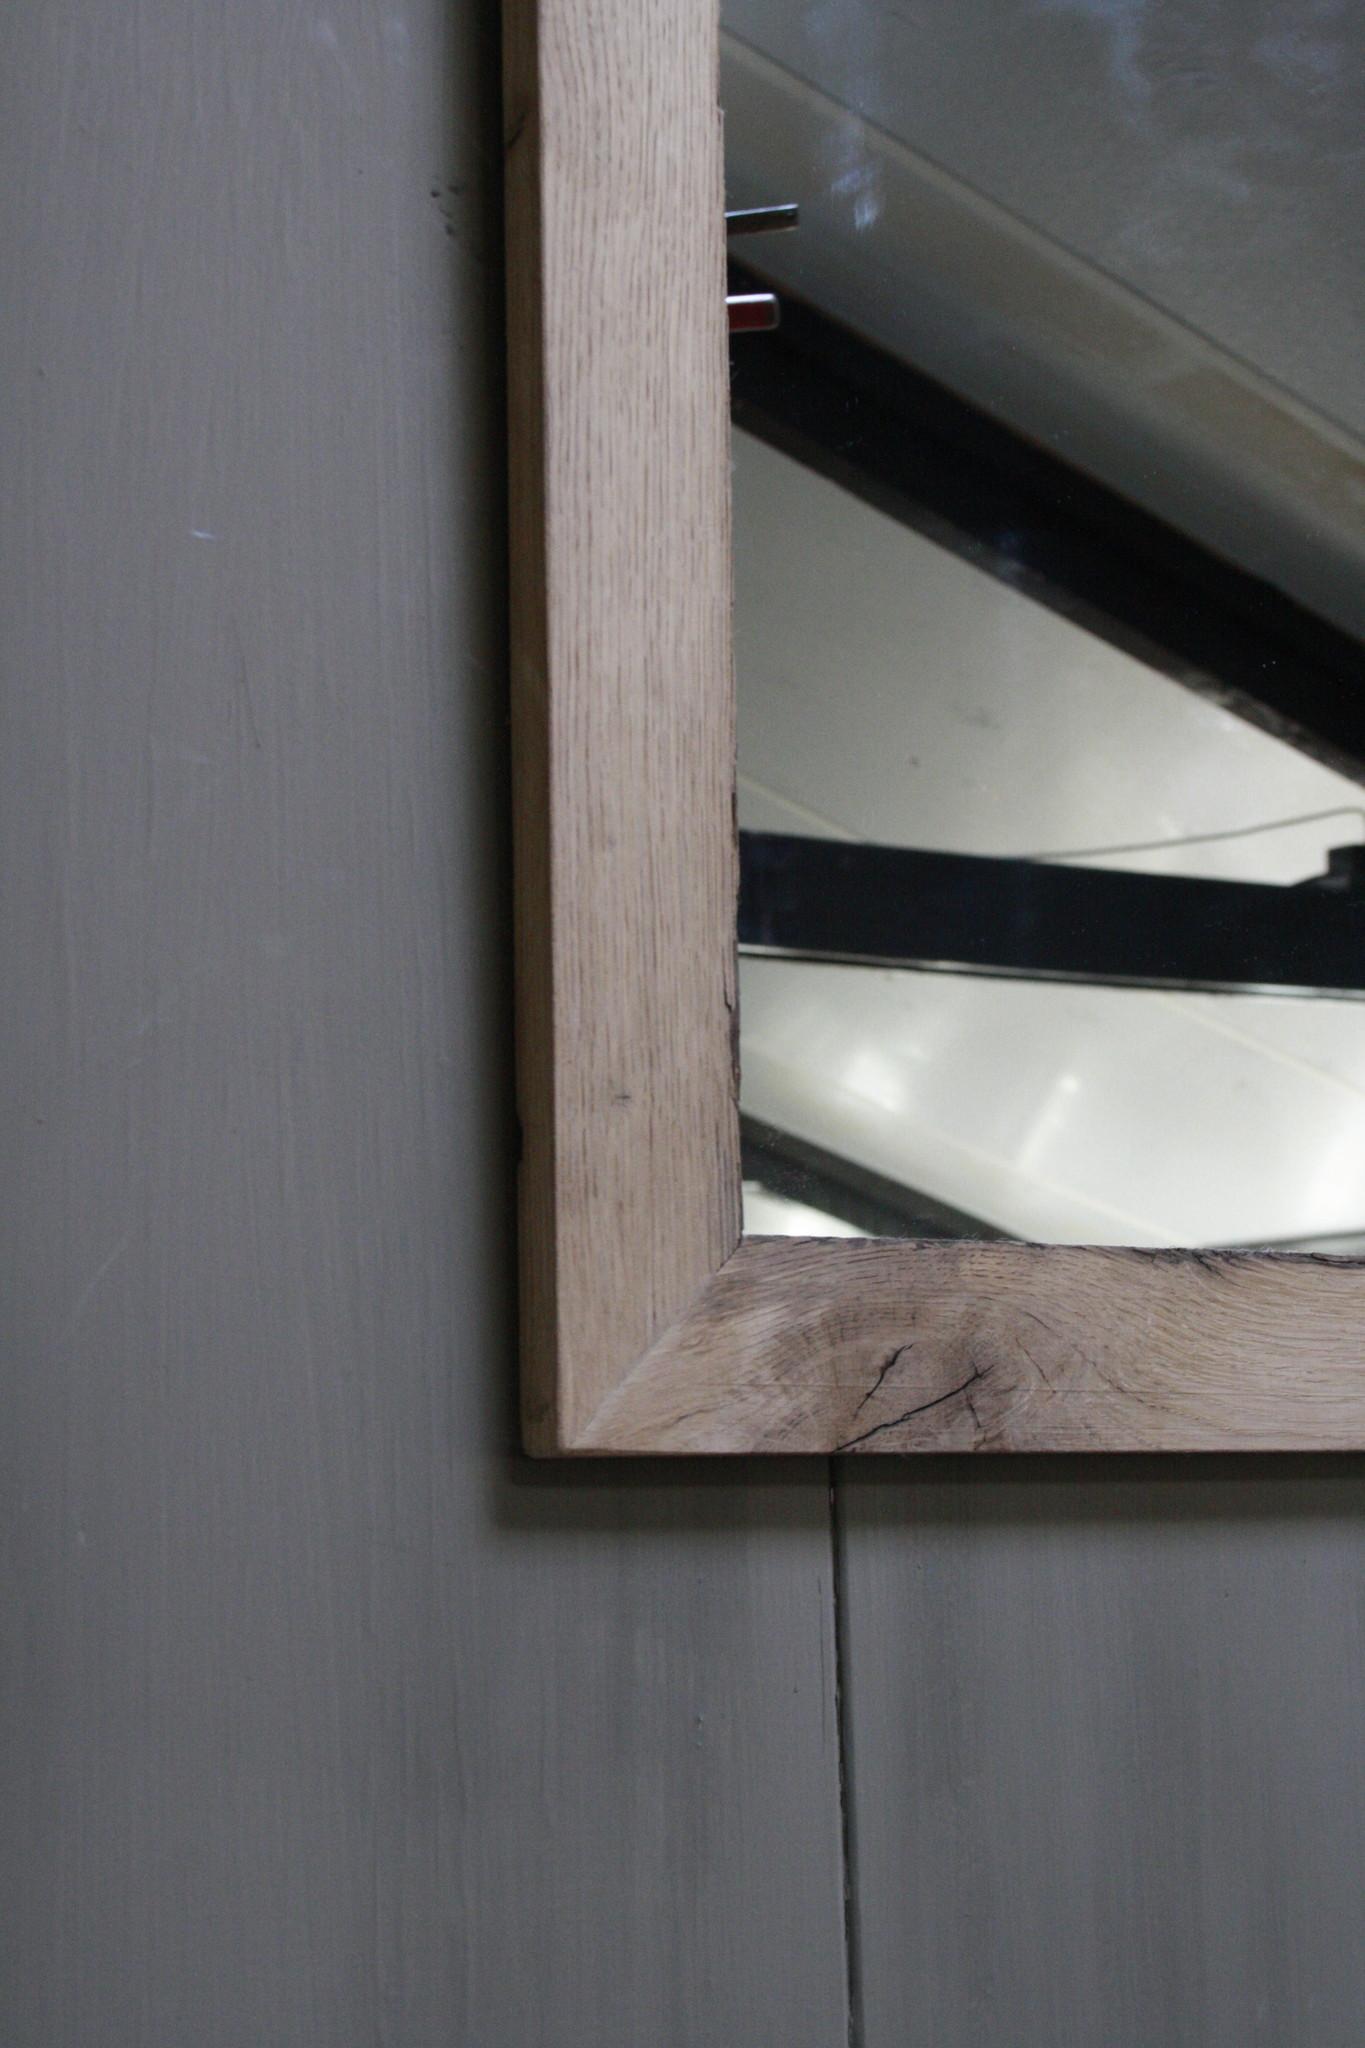 Eikenhouten toiletspiegel Light 53 x 38 cm-4